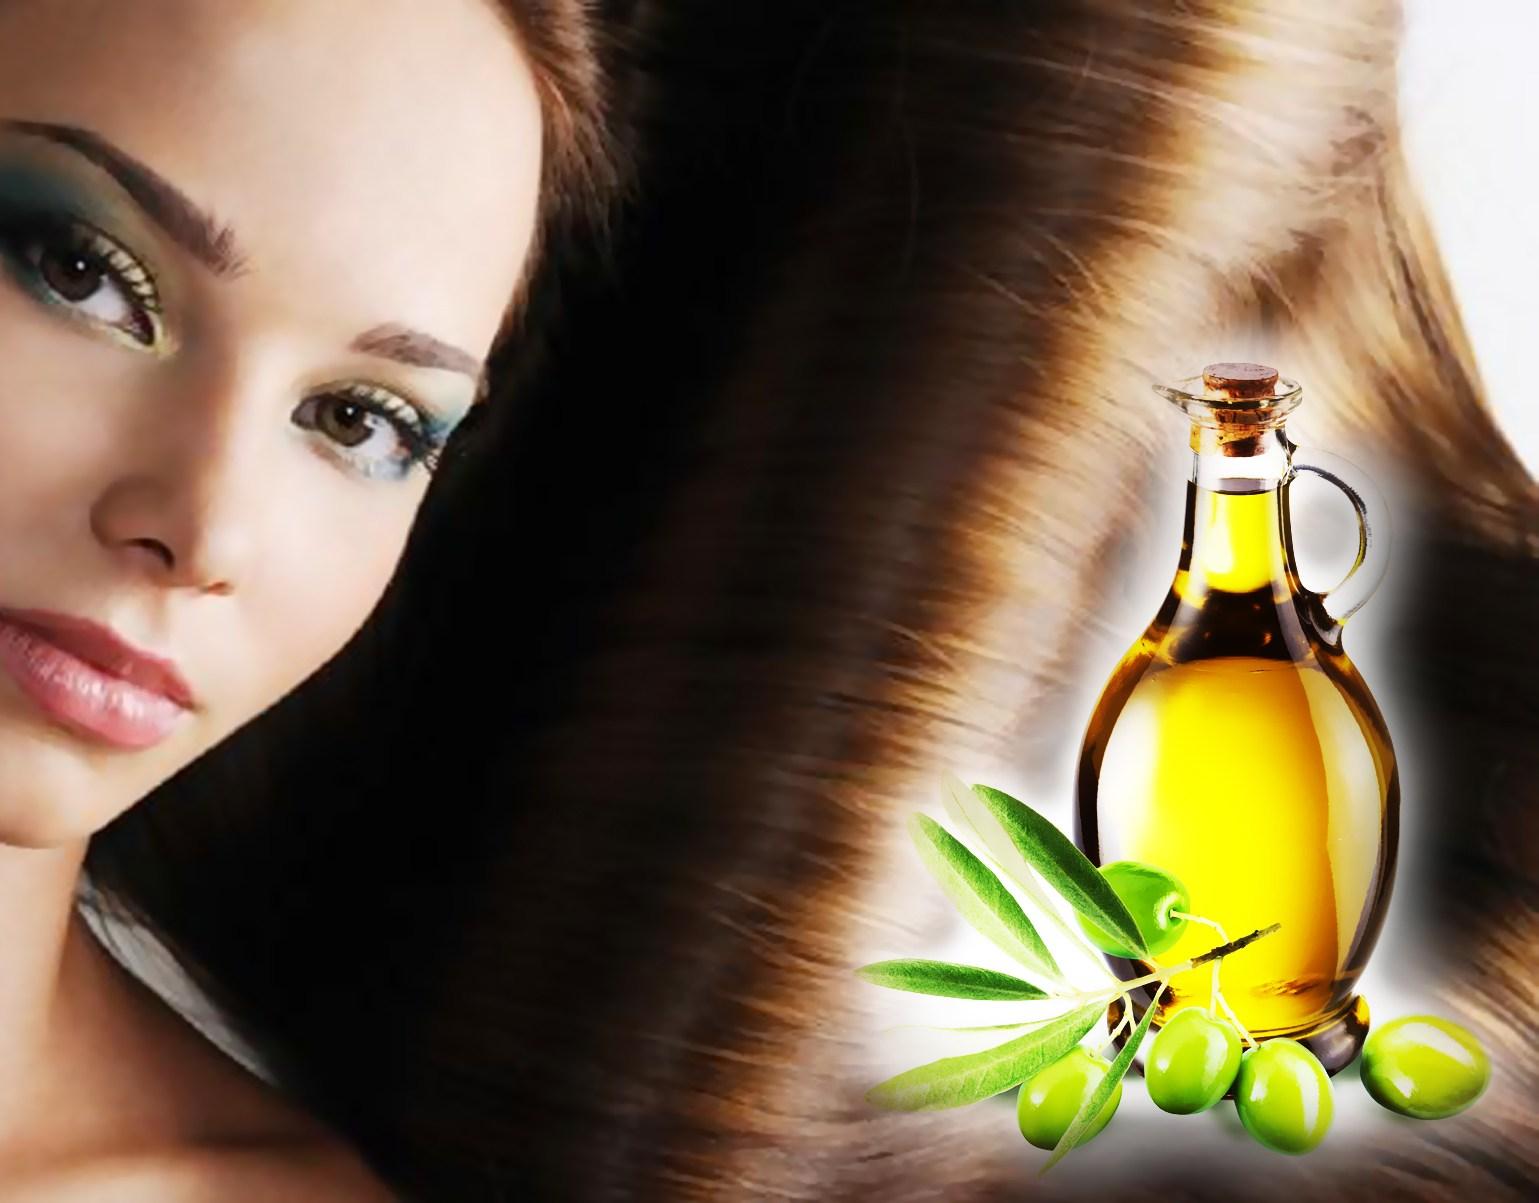 aceite de oliva en la cara toda la noche